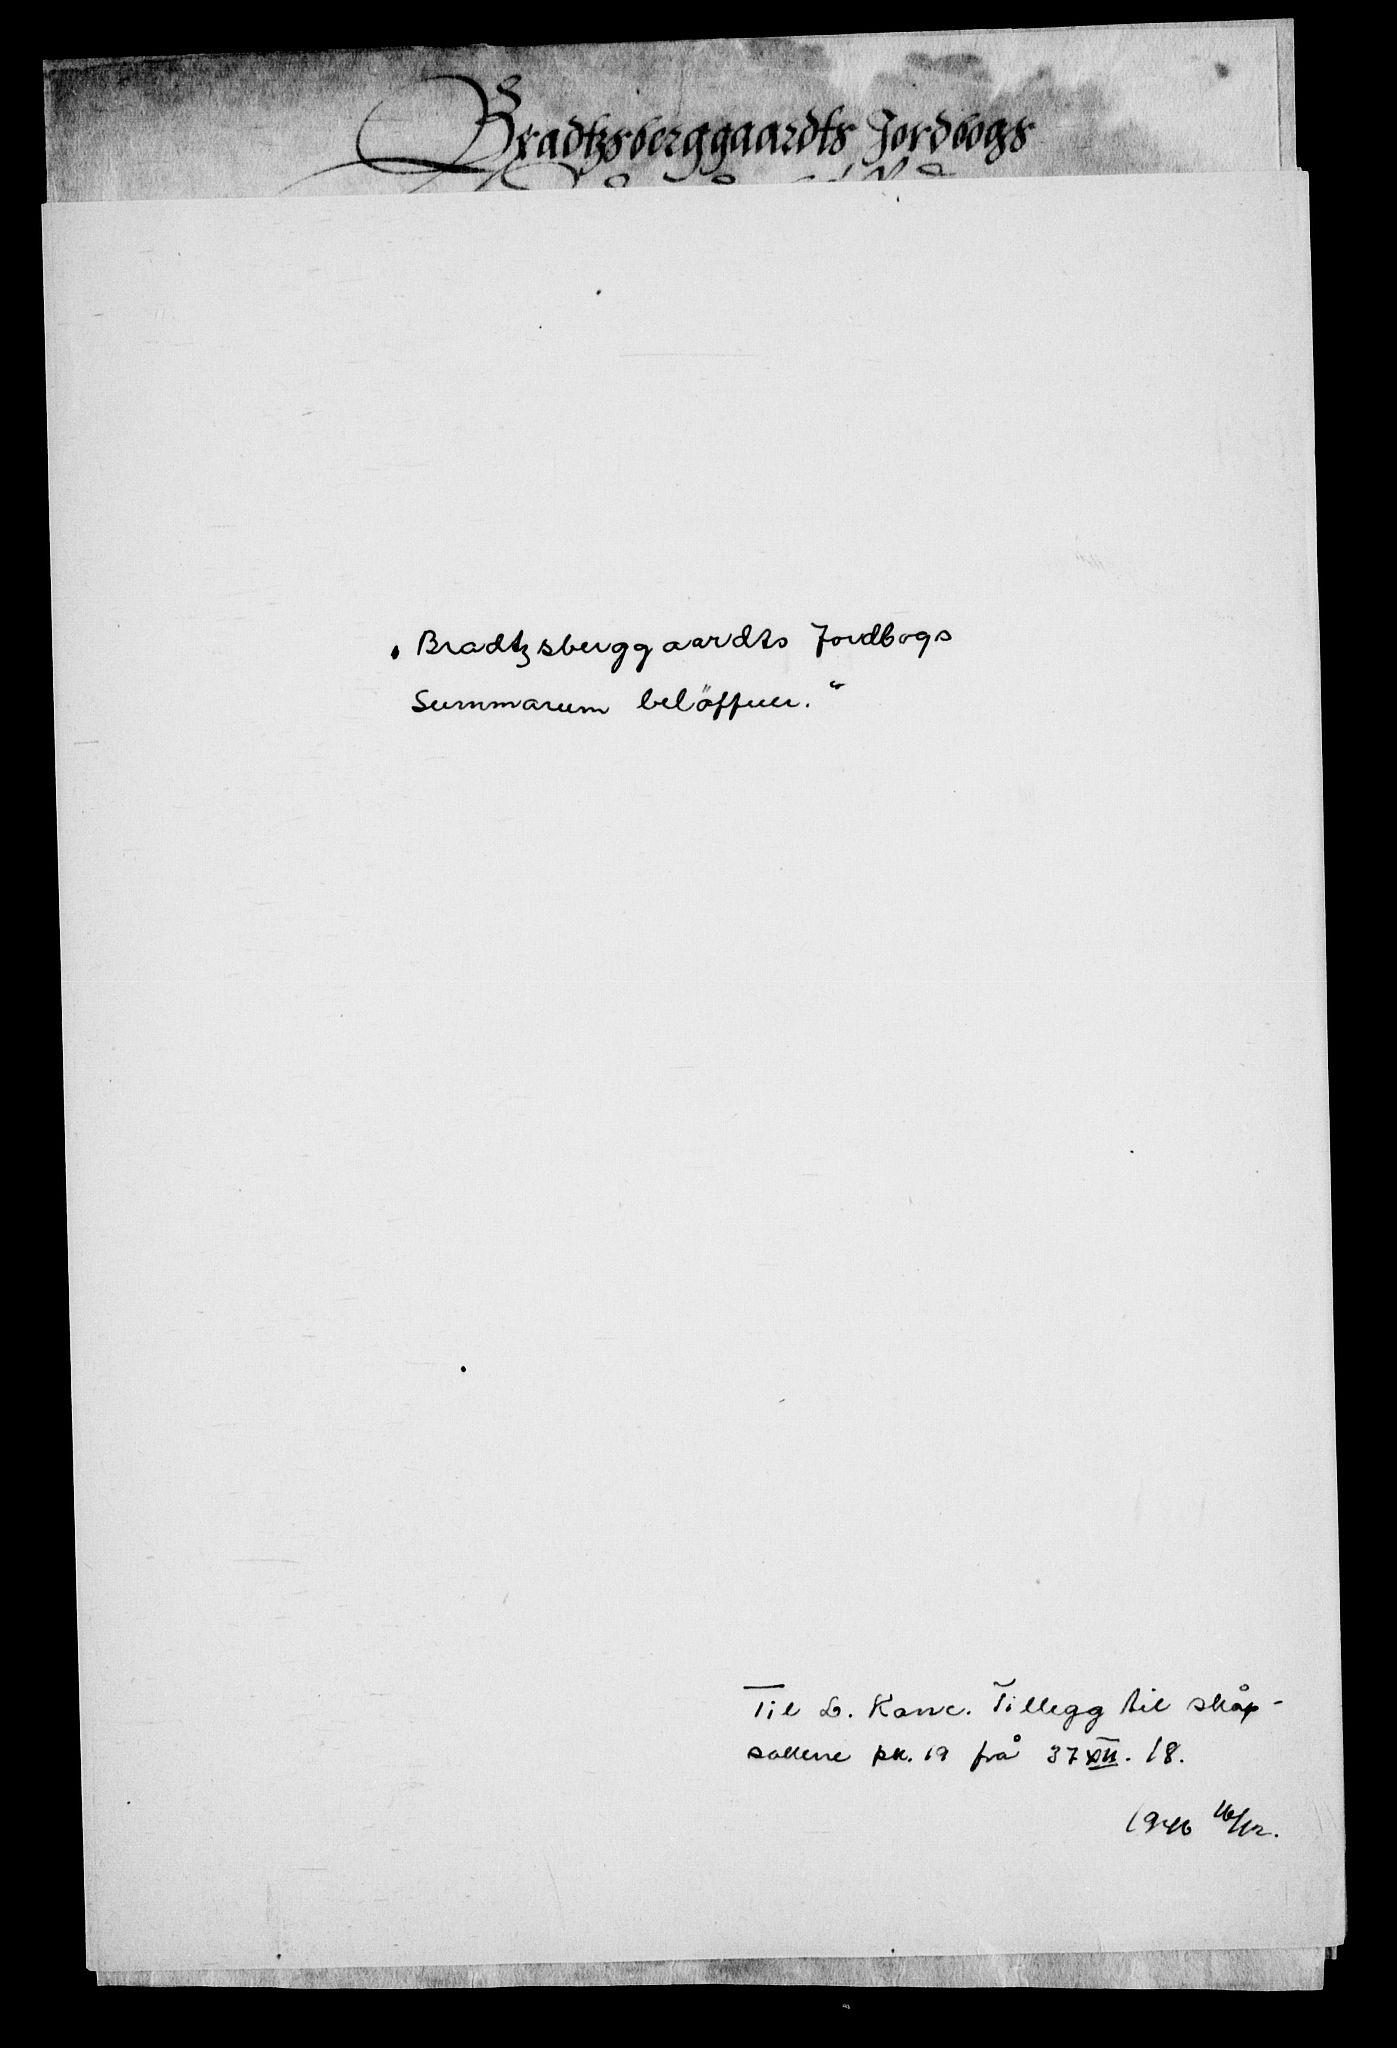 RA, Danske Kanselli, Skapsaker, G/L0019: Tillegg til skapsakene, 1616-1753, p. 55